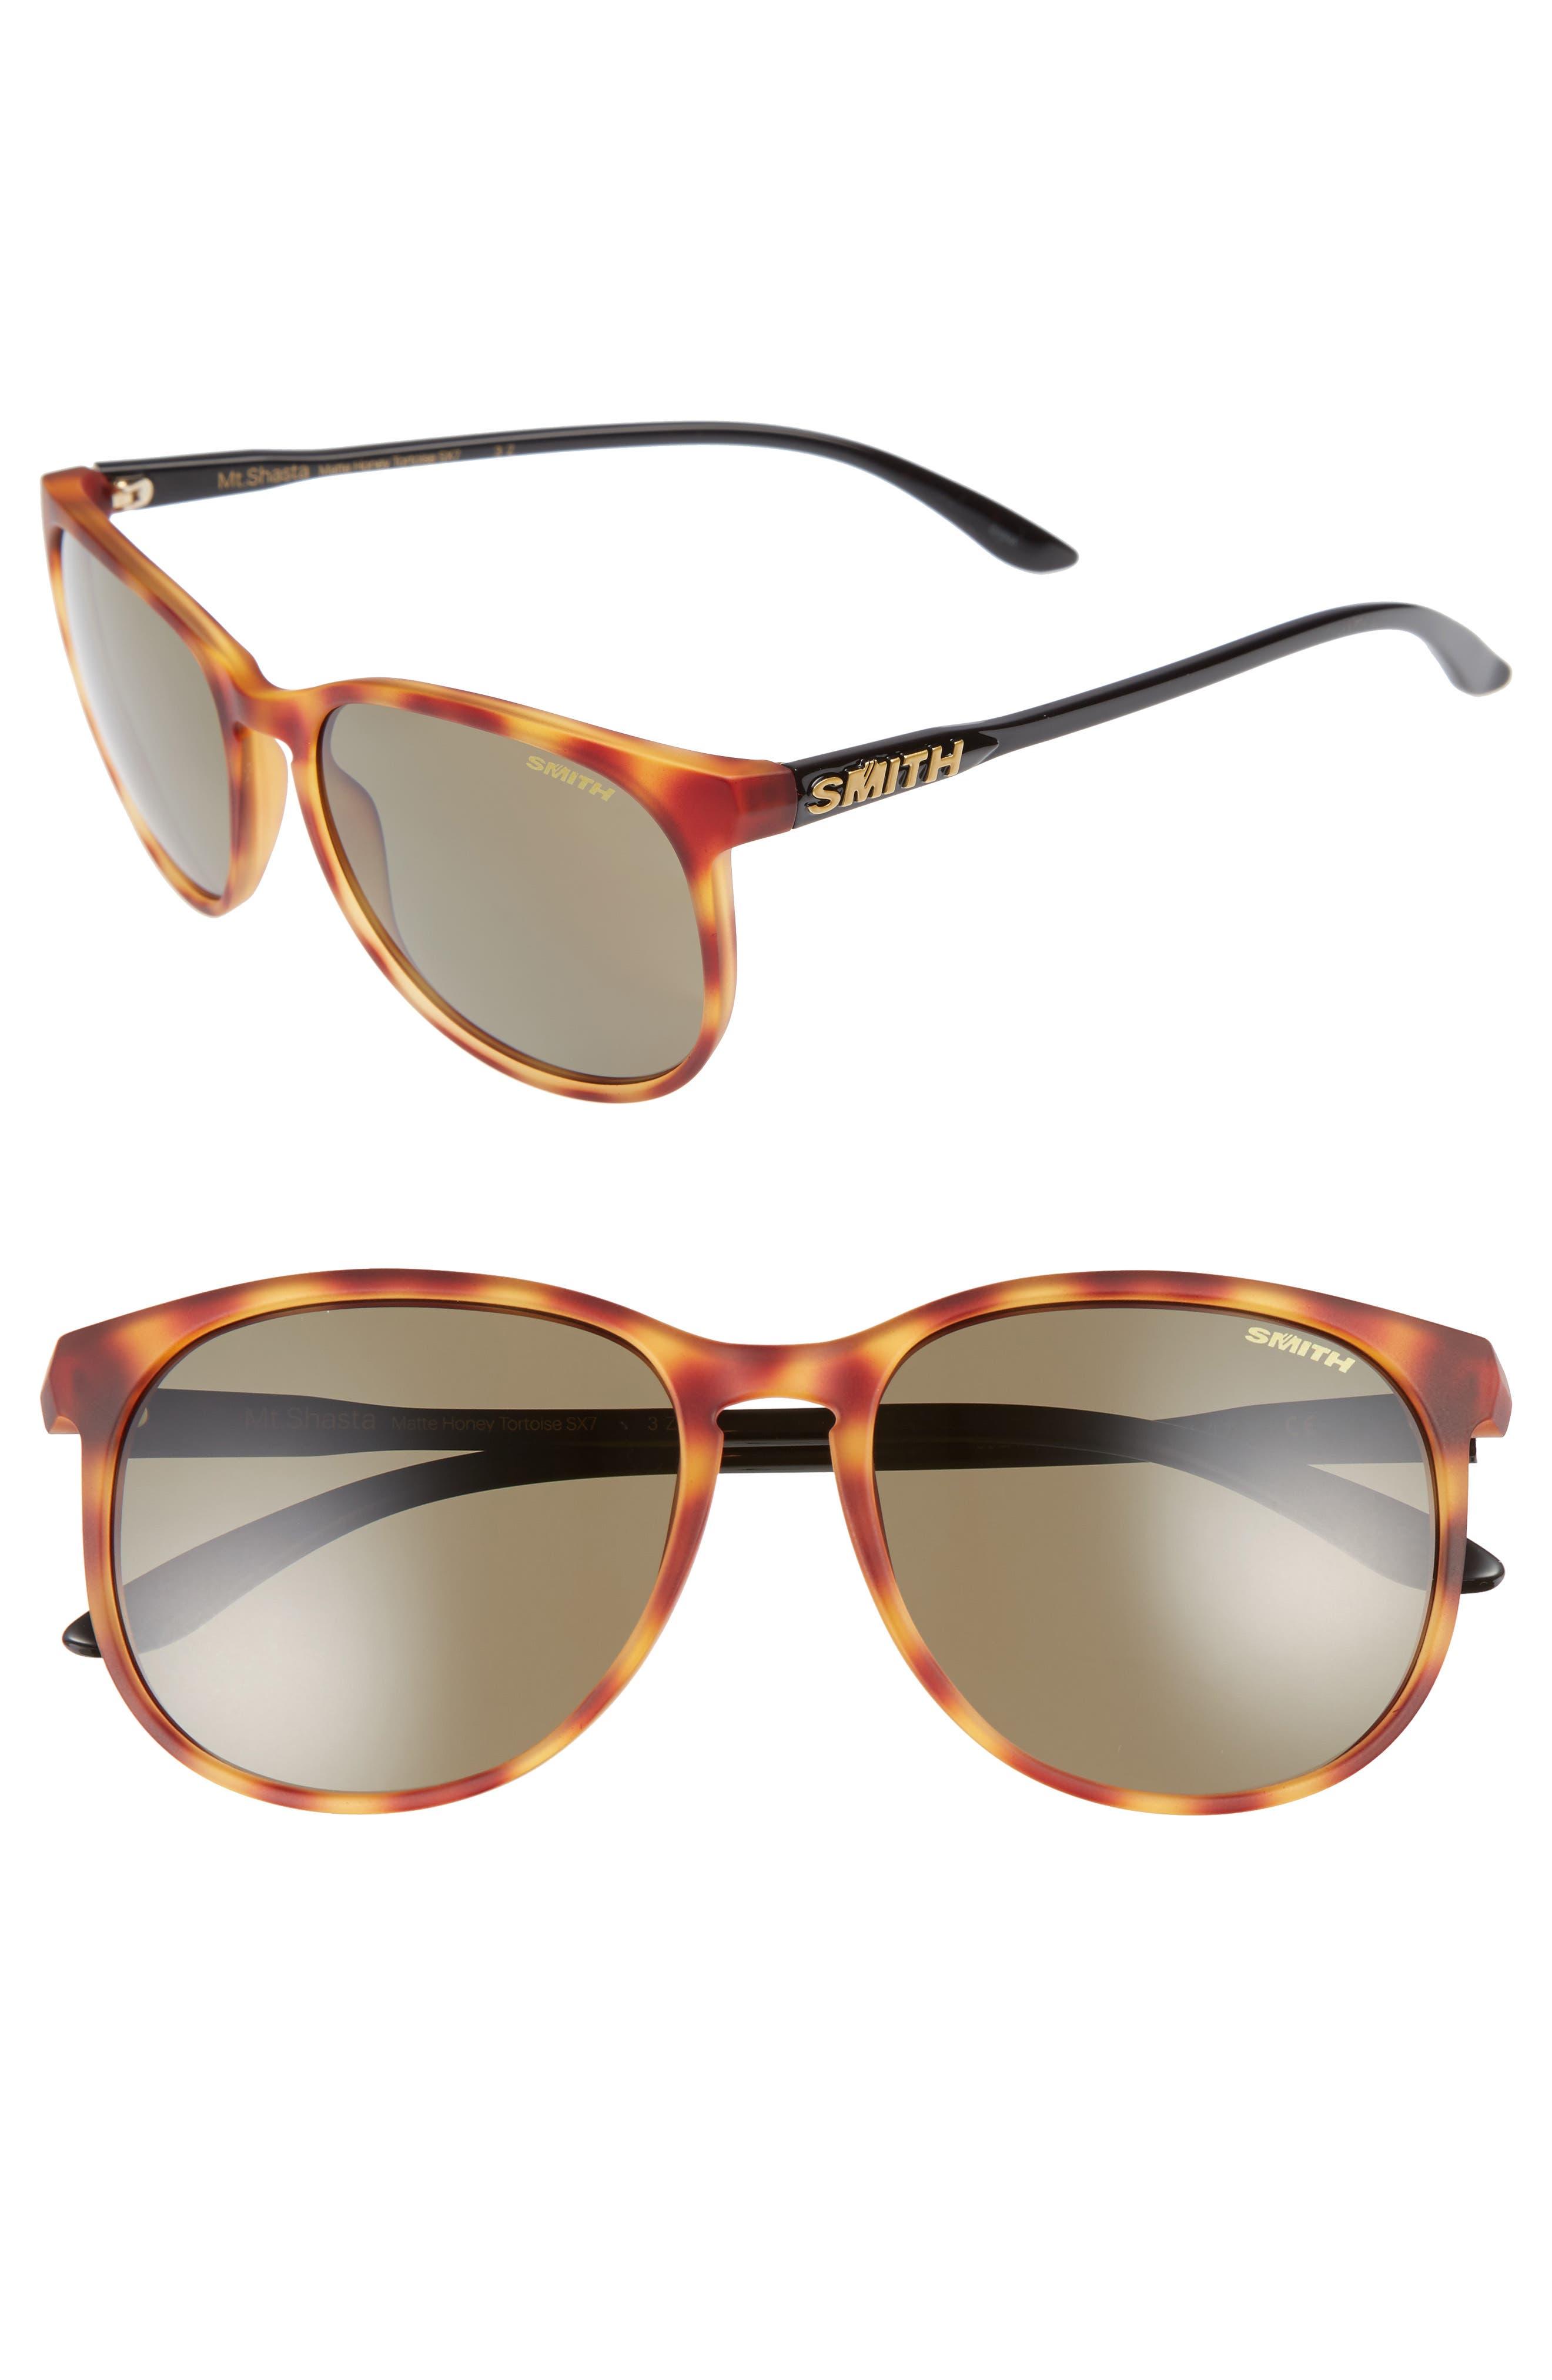 Main Image - Smith Mt. Shasta 55mm Polarized Keyhole Sunglasses